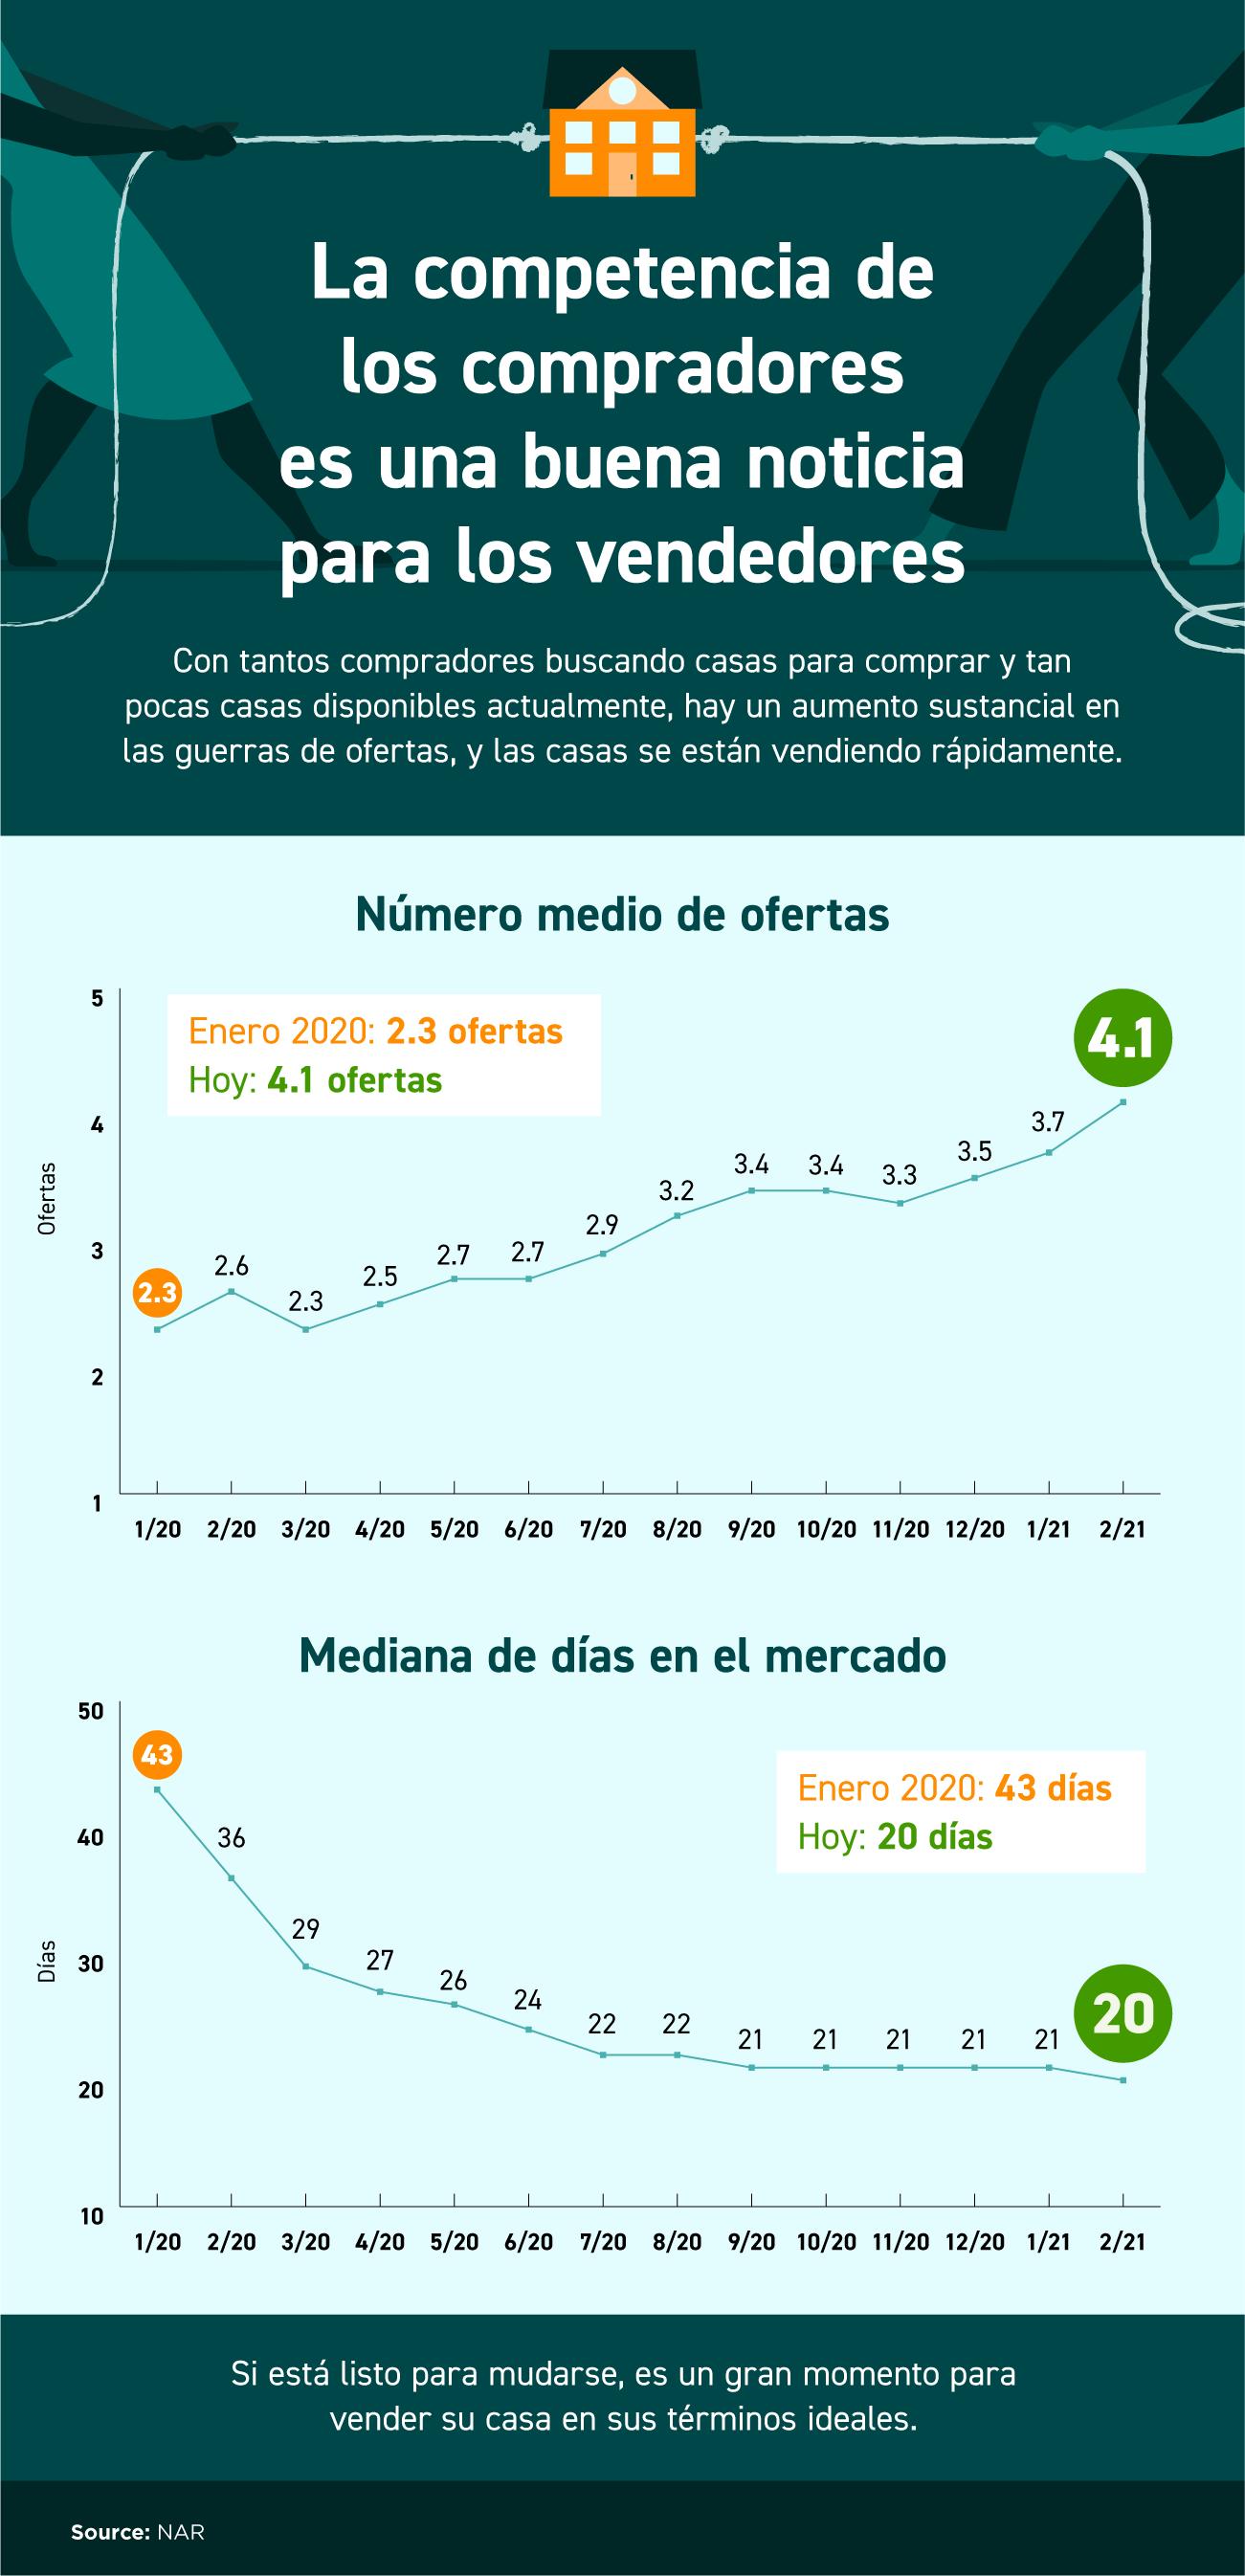 La competencia de los compradores es una buena noticia para los vendedores [Infografía] | Simplifying The Market